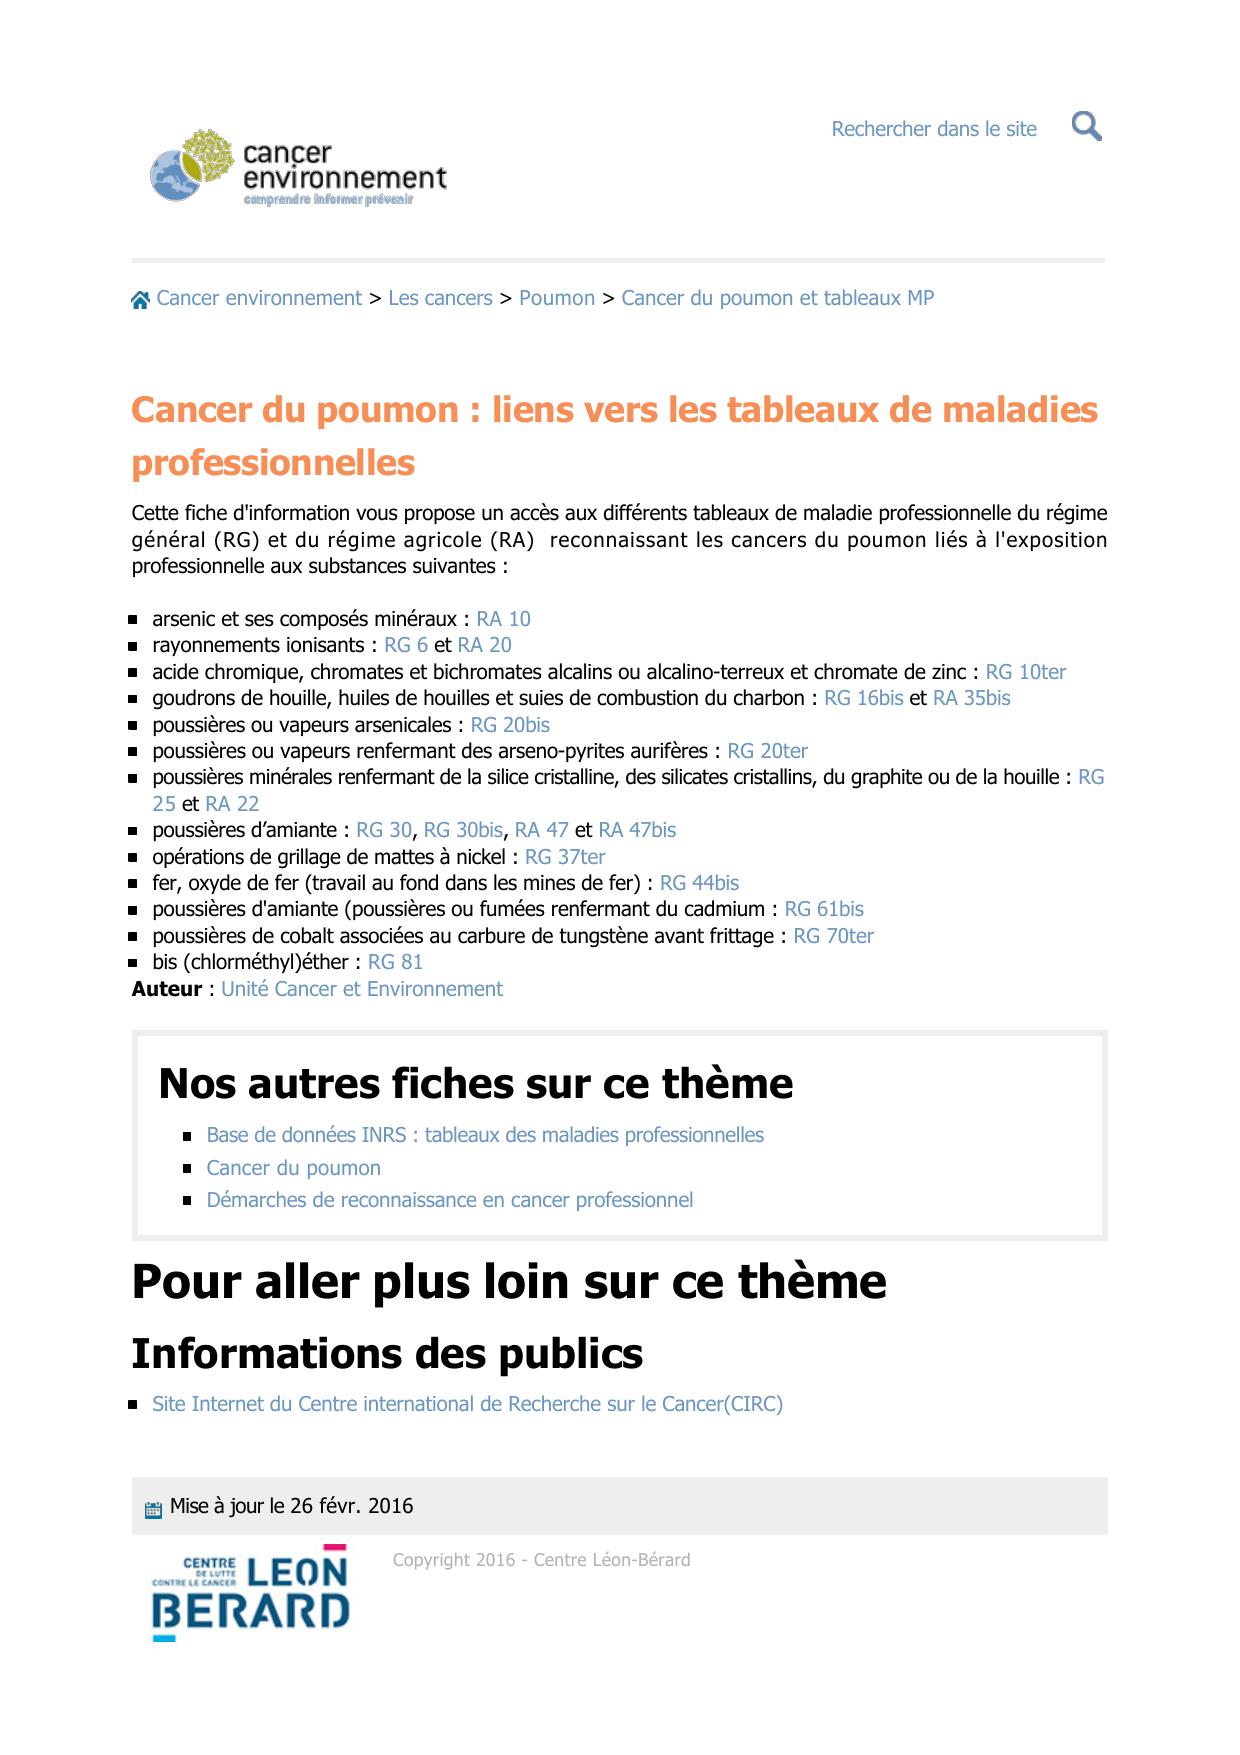 Cancer Du Poumon Liens Vers Les Tableaux De Maladies Professionnelles